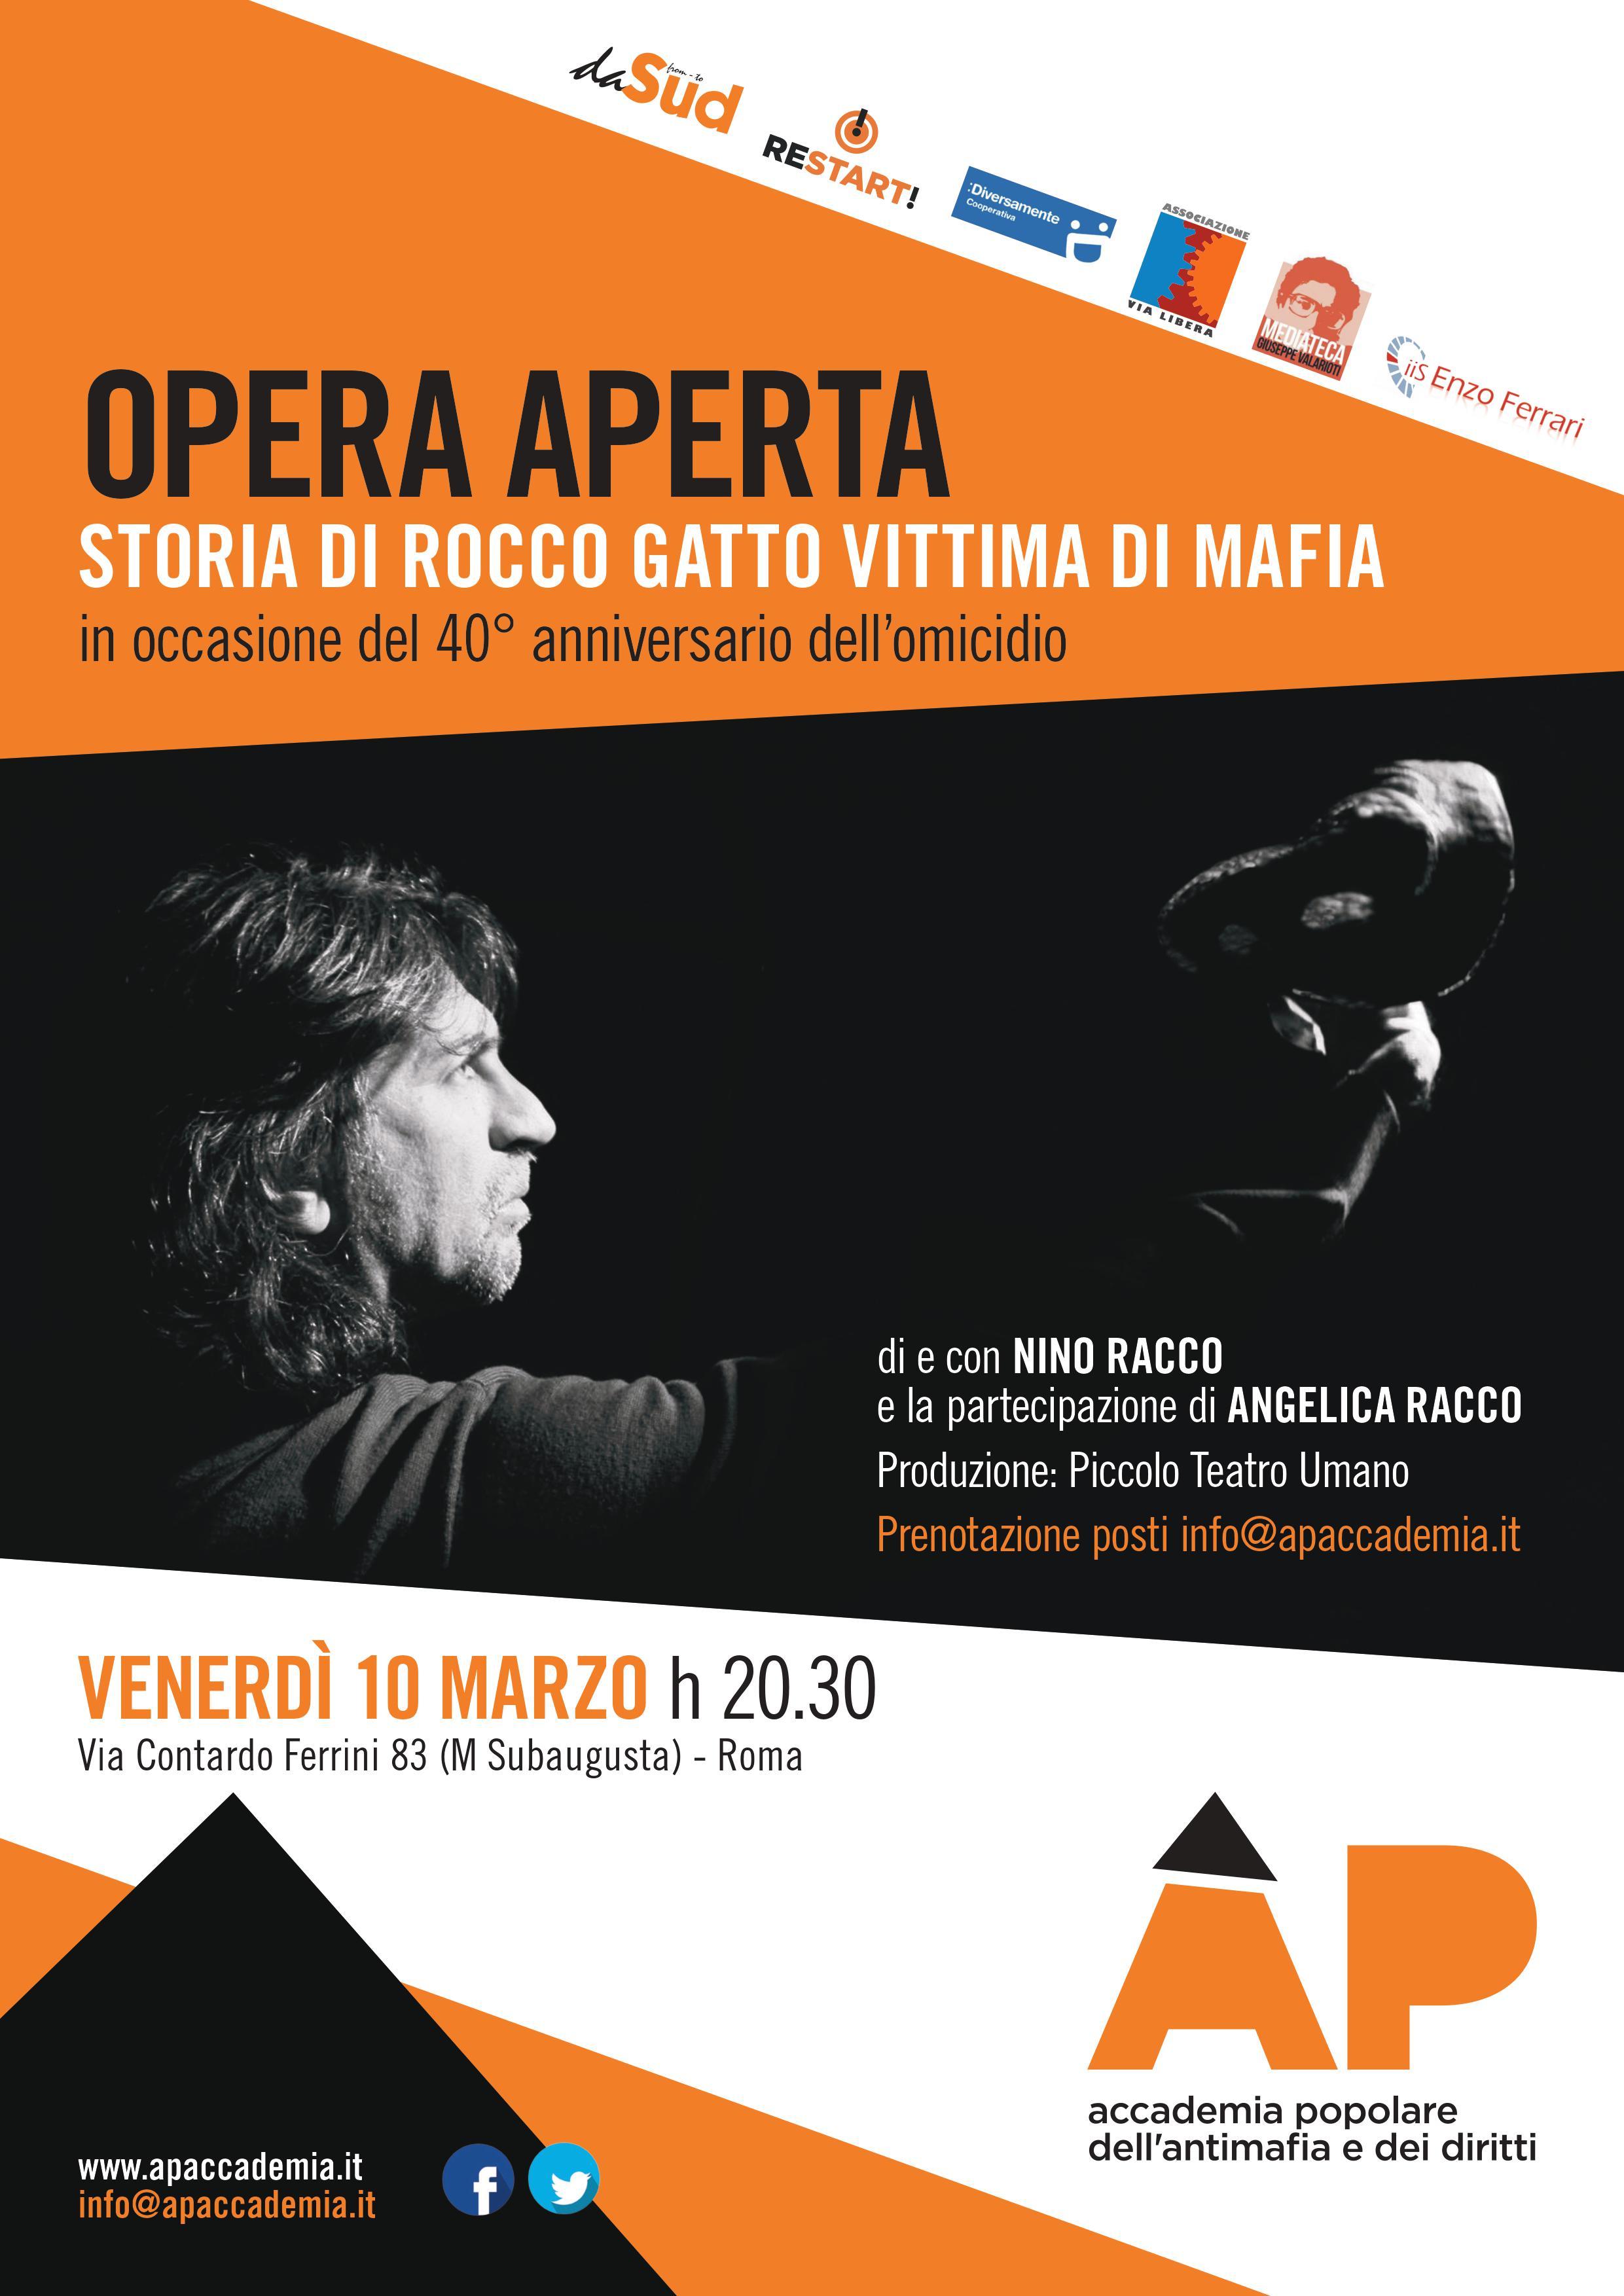 mafie-ÀP-Rocco-Gatto